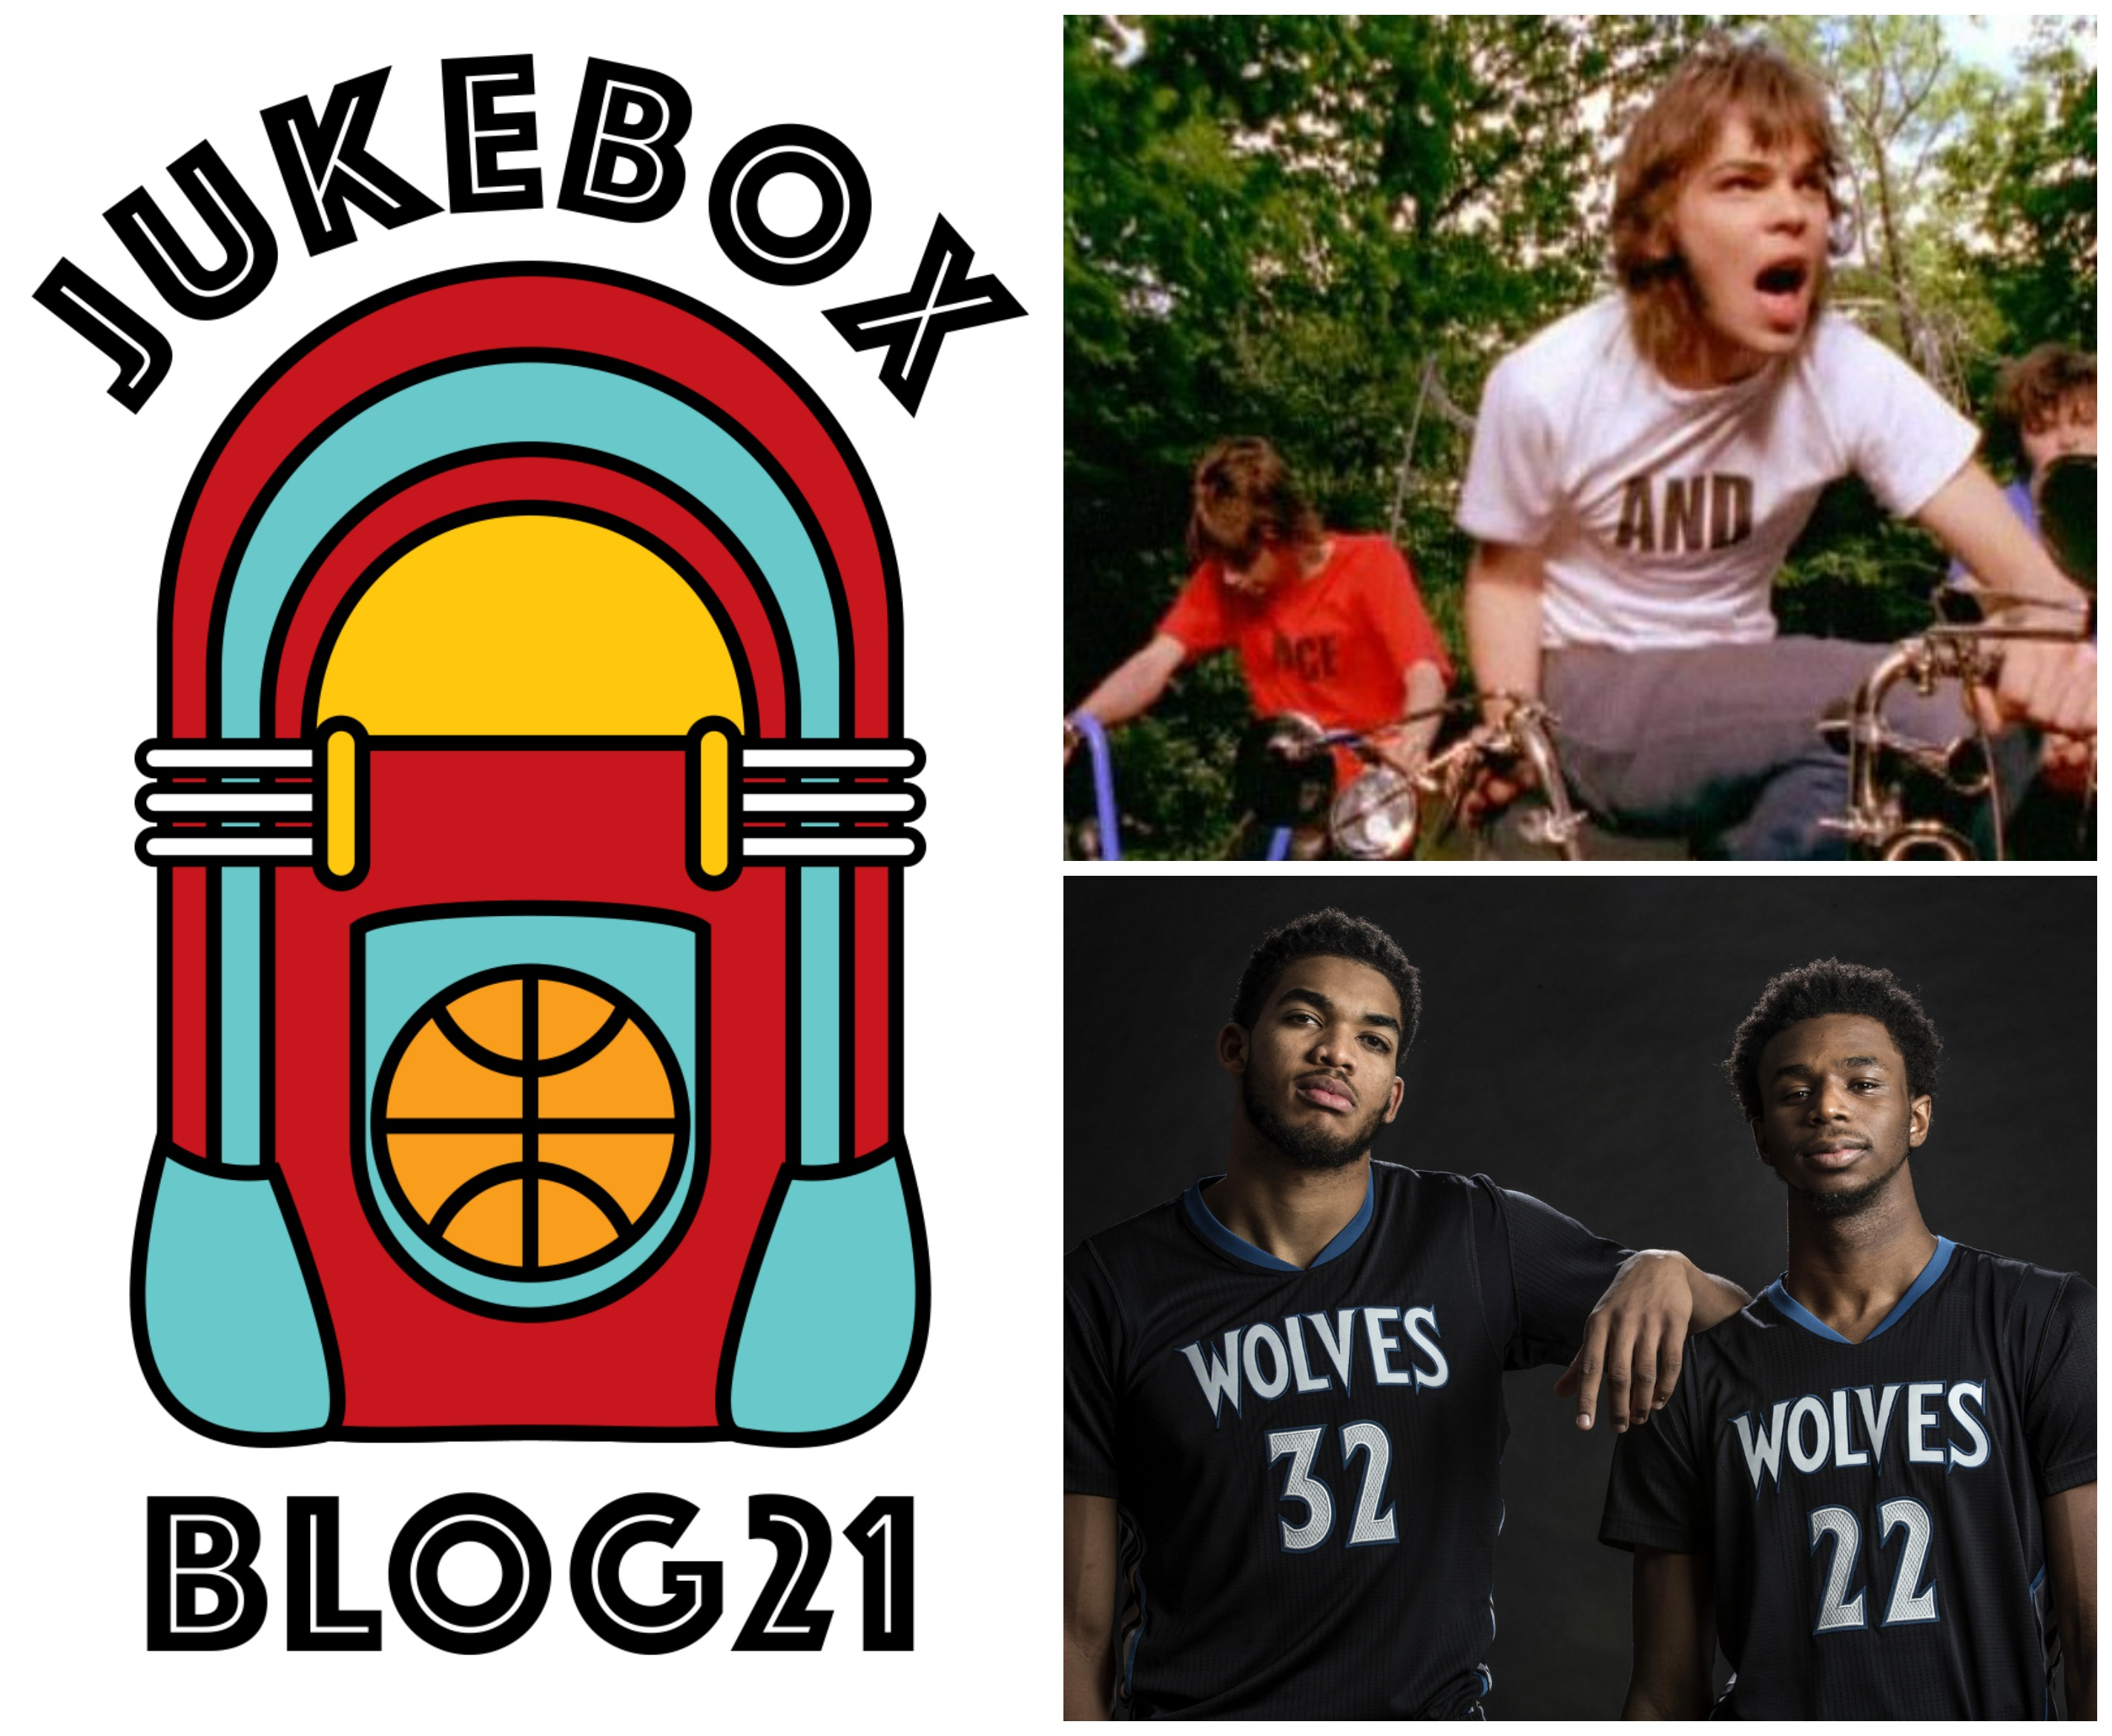 jukebox-wolves-supergrass 7c9b15b08a4f0